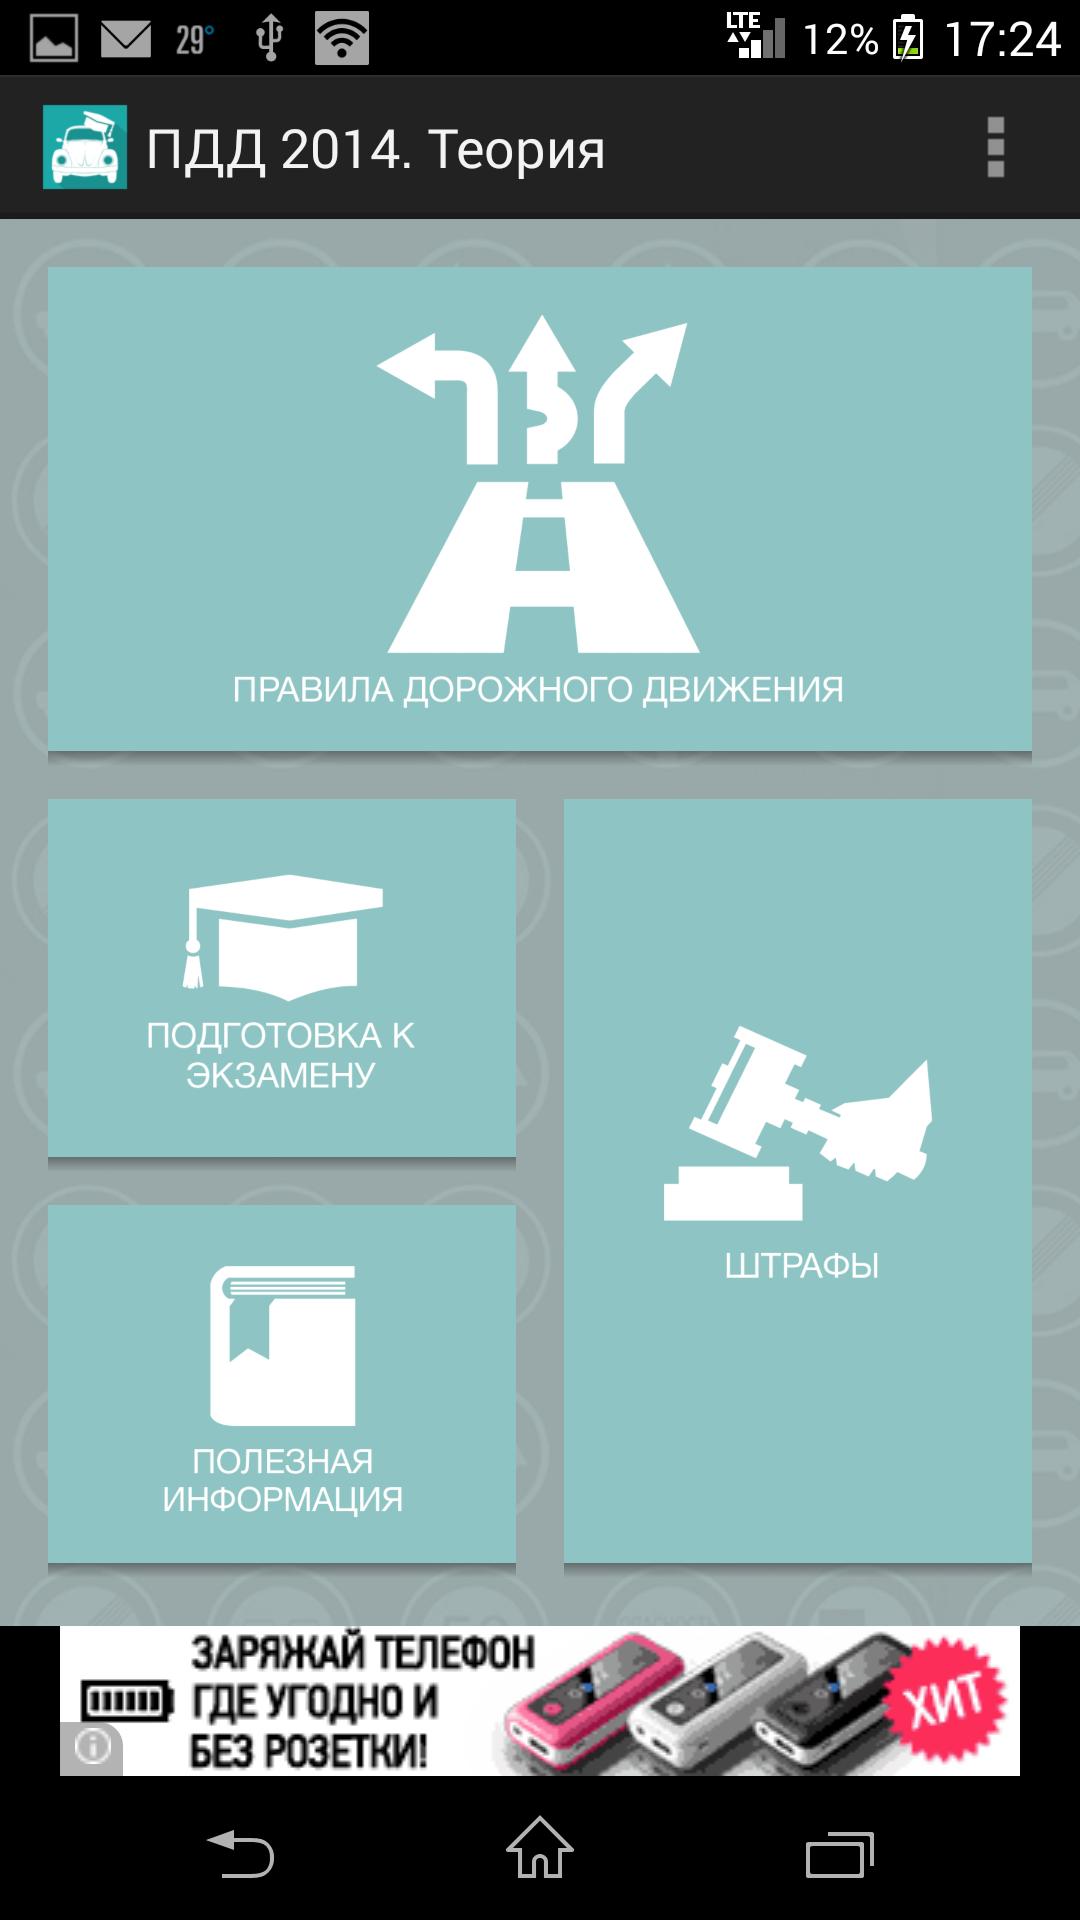 Меню - ПДД 2014. Теория для Android